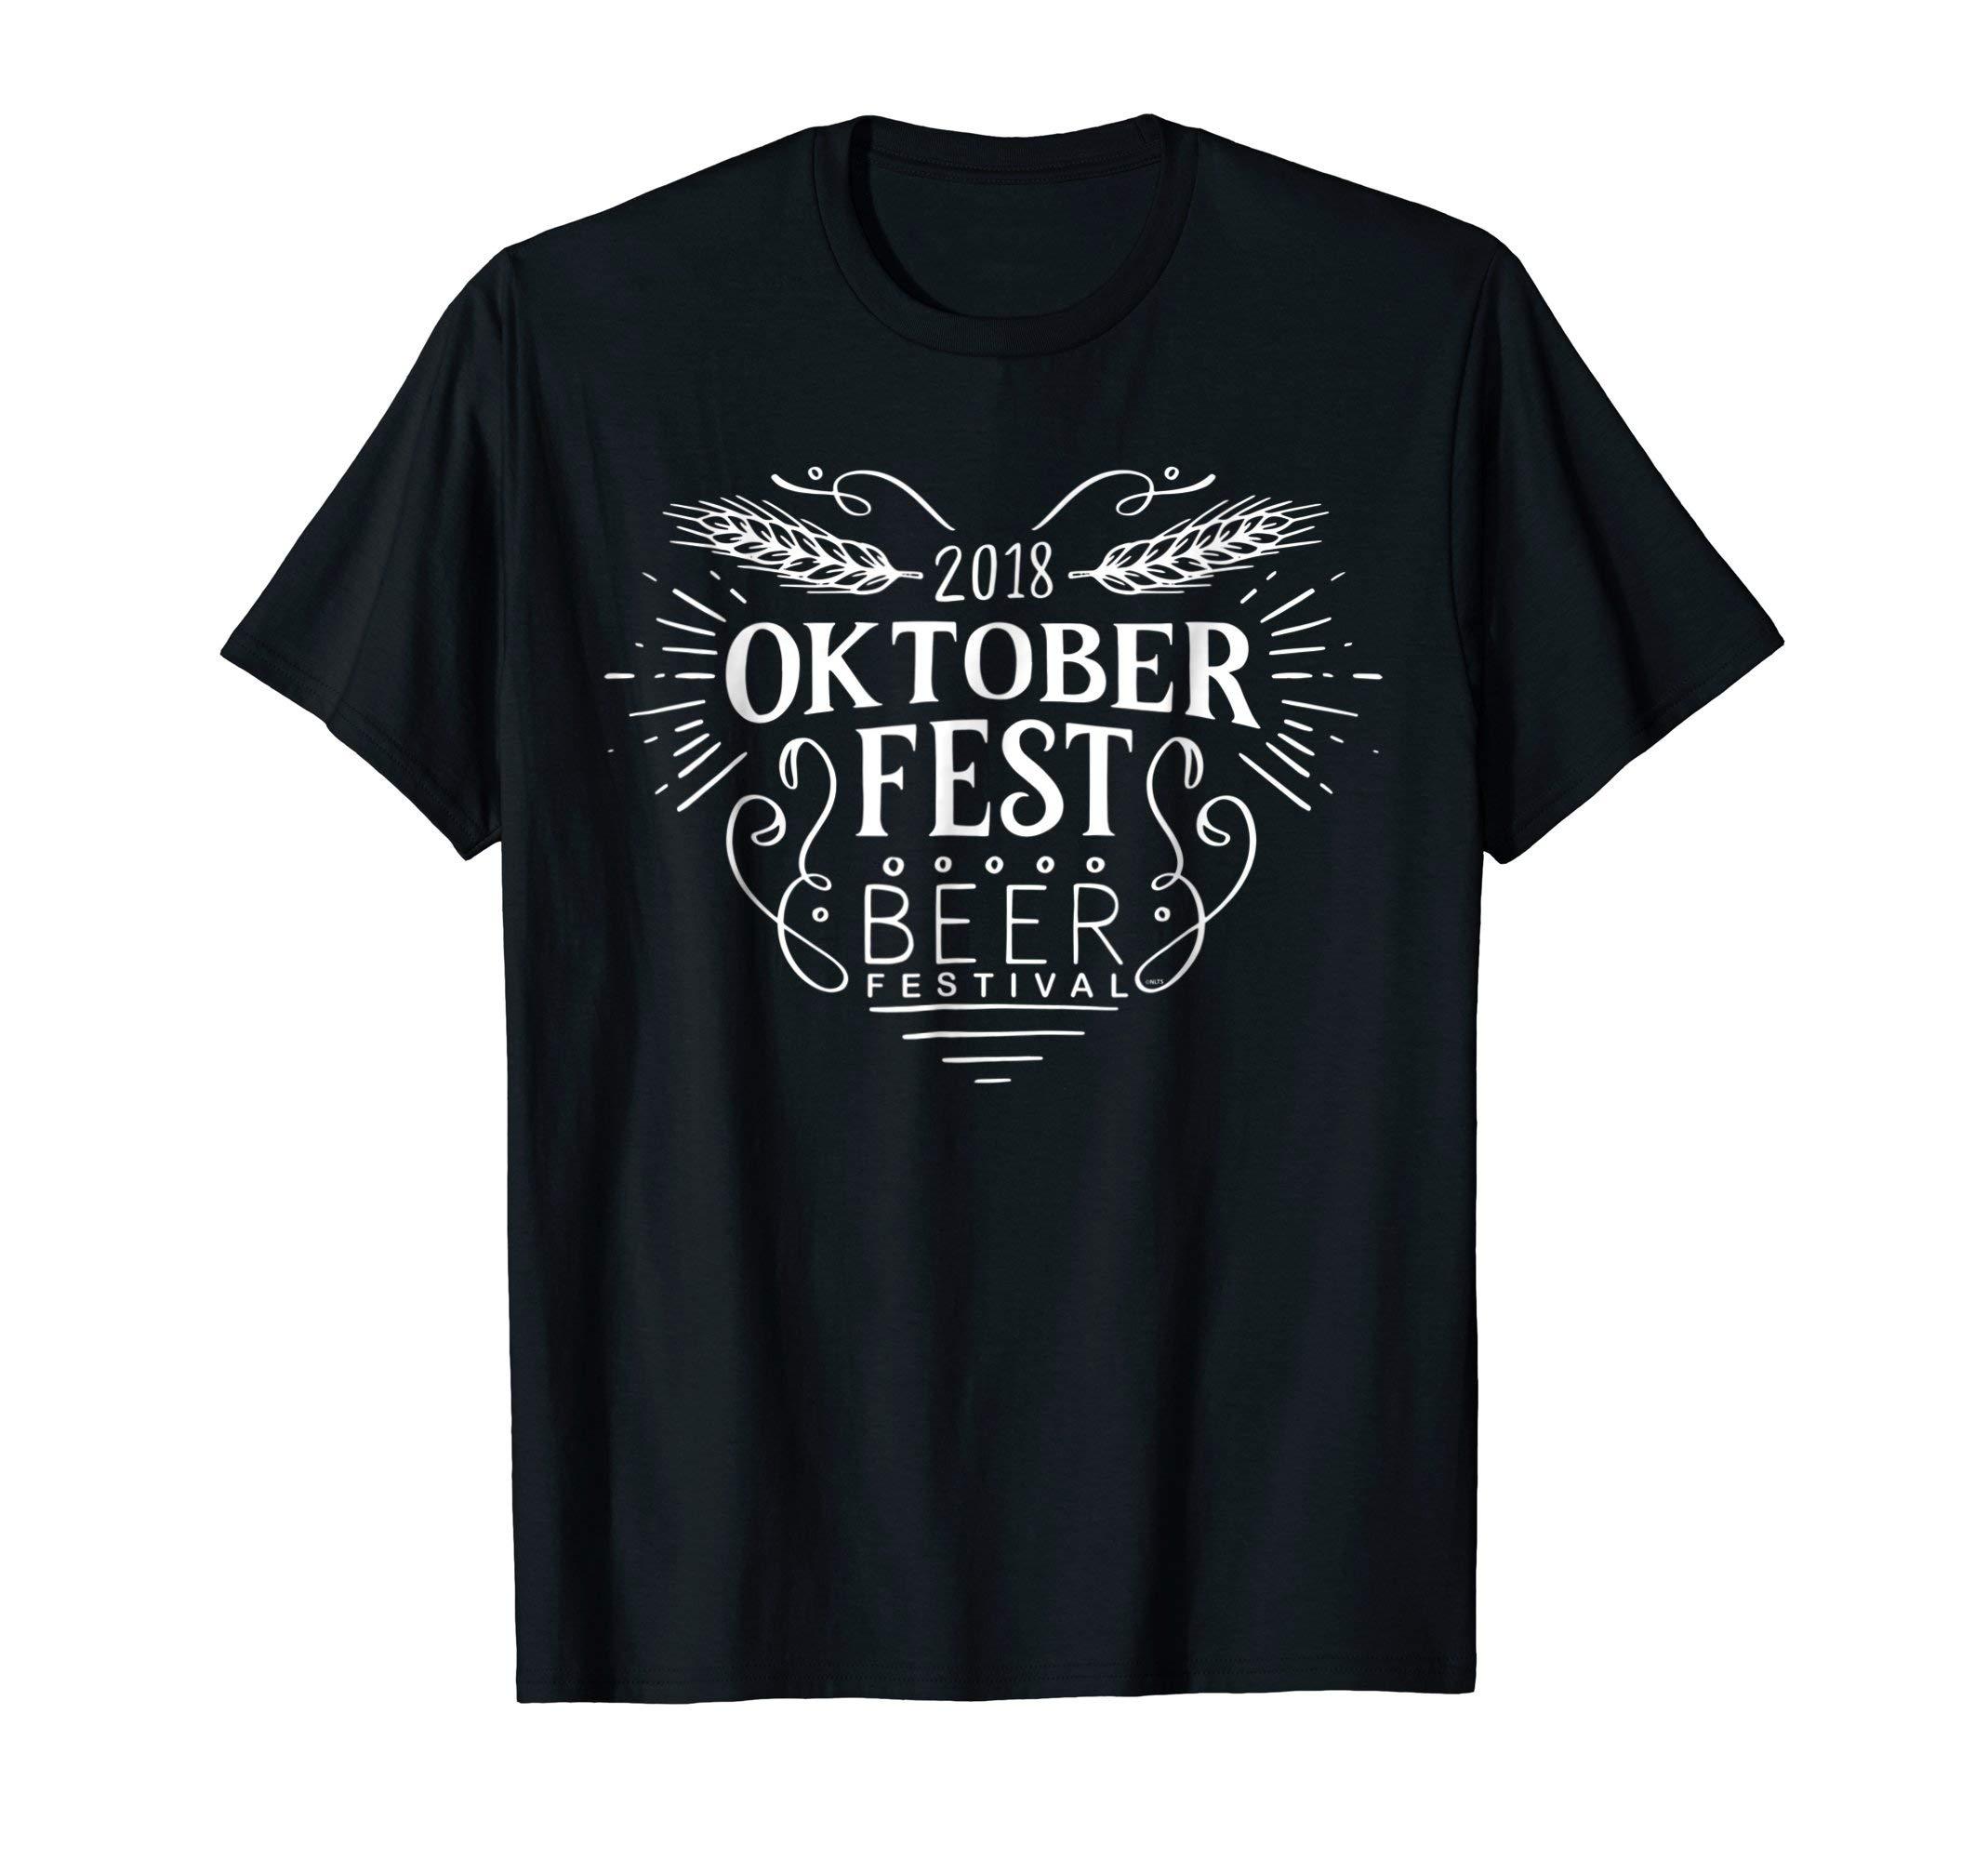 2018-Oktoberfest-Beer-Festival-Shirt-Gifts-T-Shirt-Tee